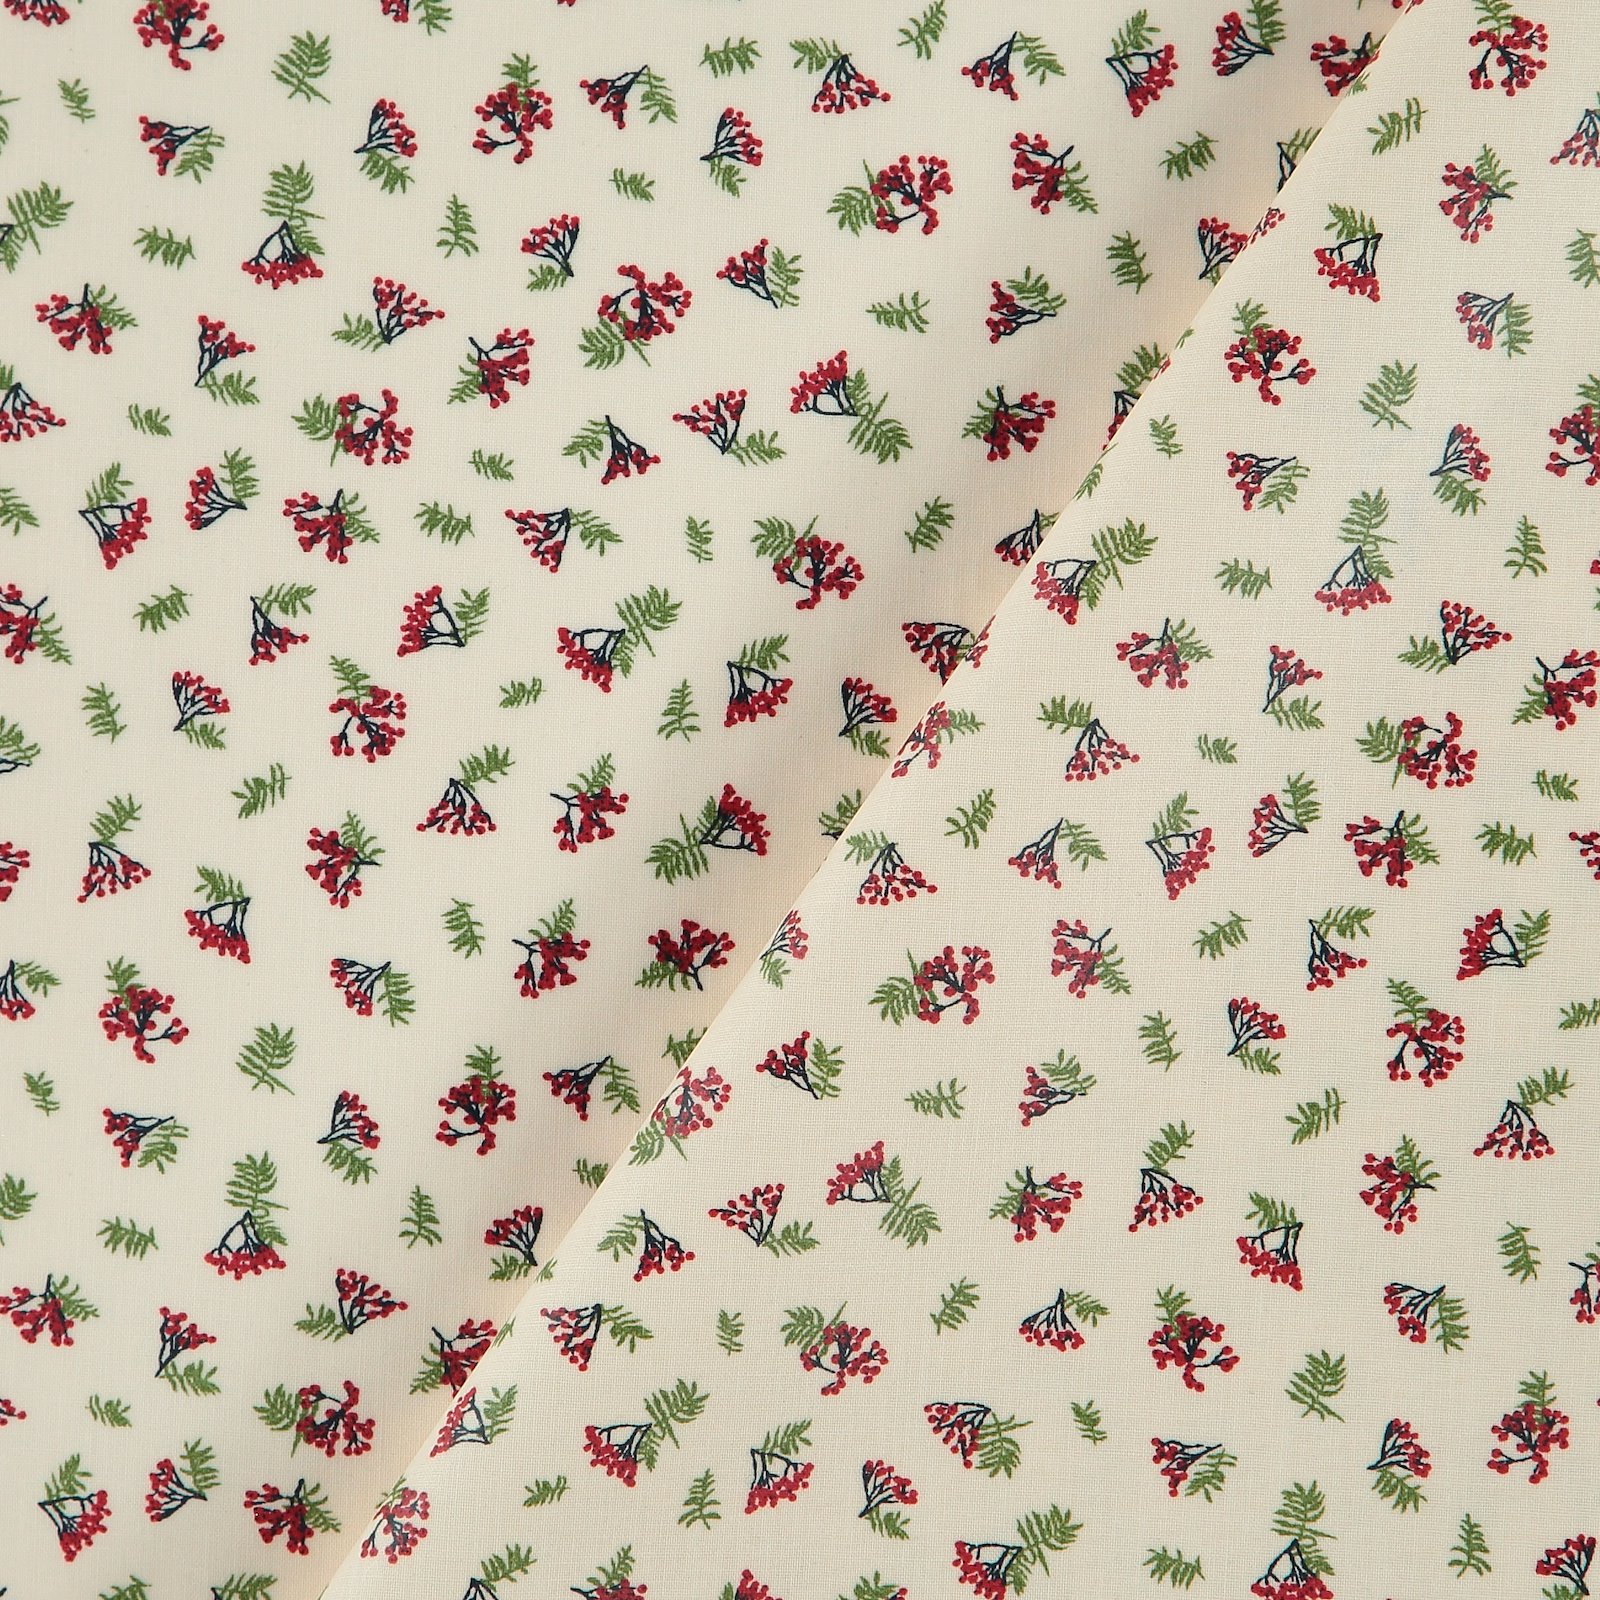 Textilwachstuch, offwhite mit roten Beer 866133_pack